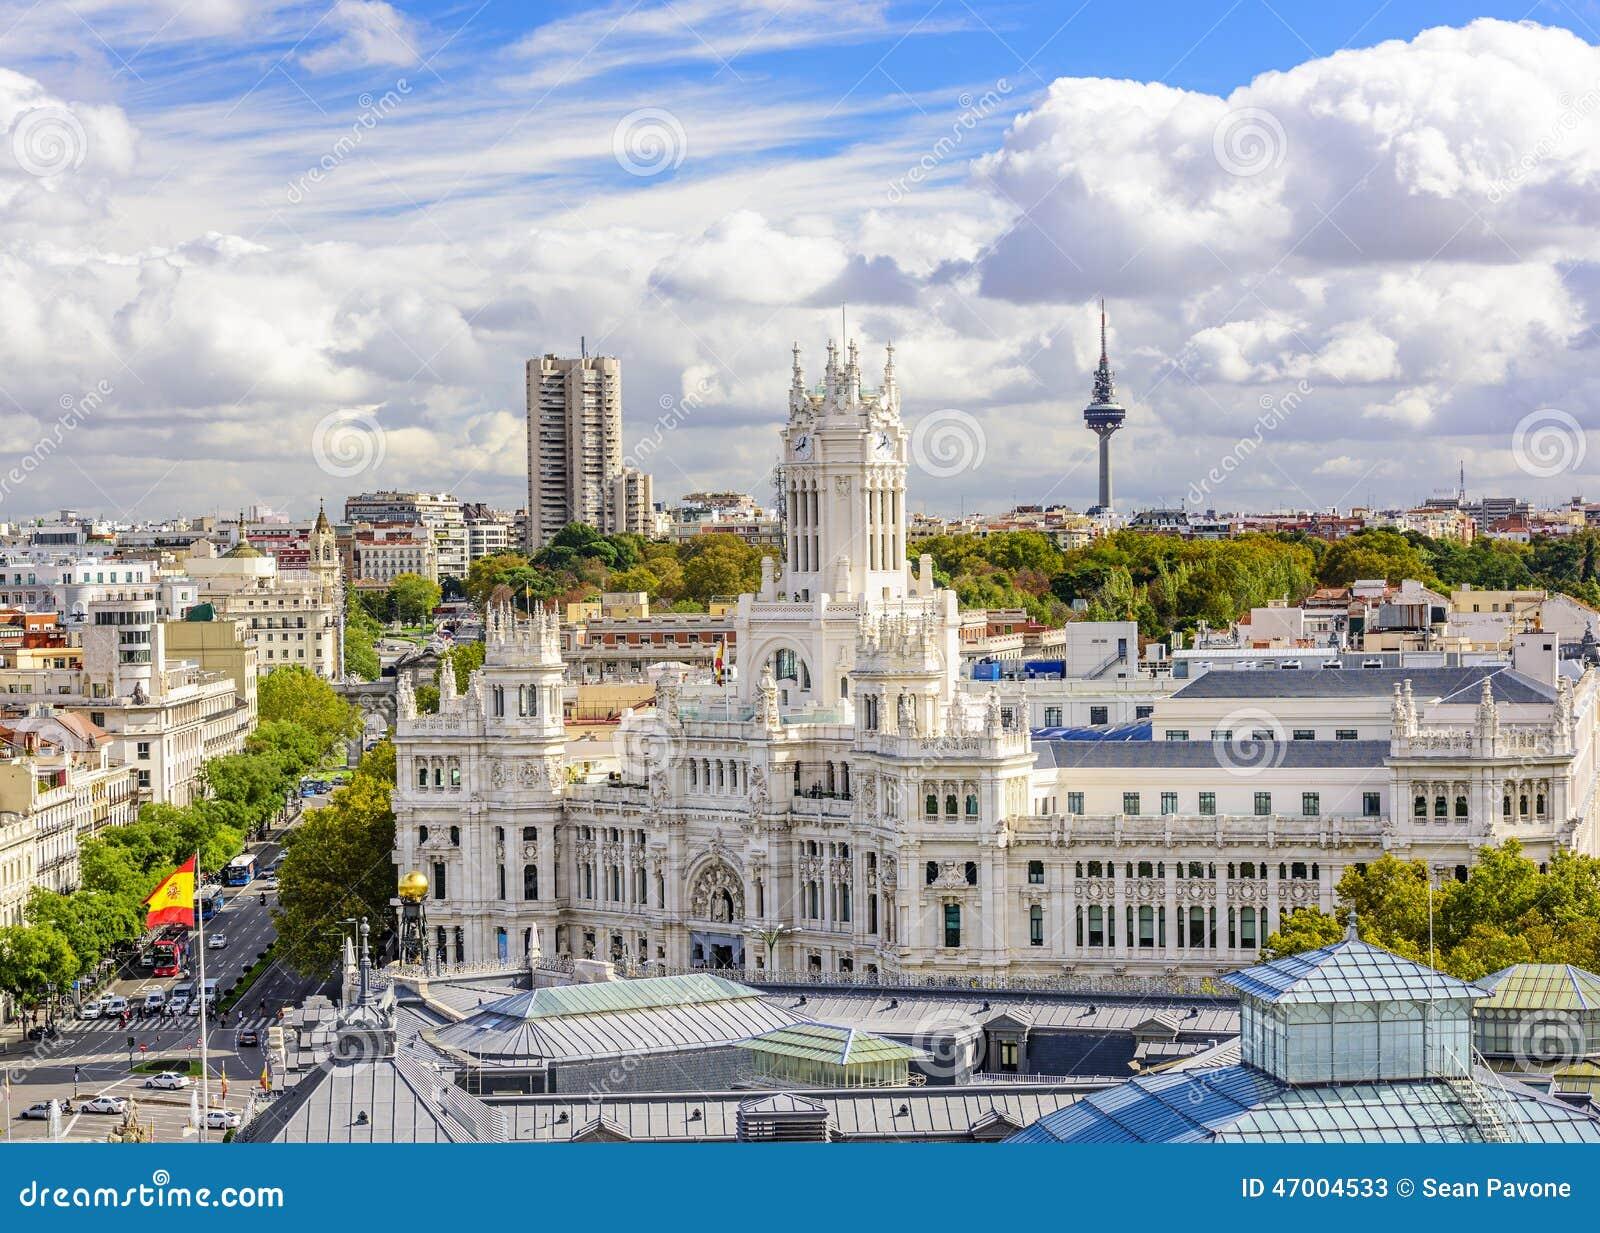 Cybele Plaza of Madrid